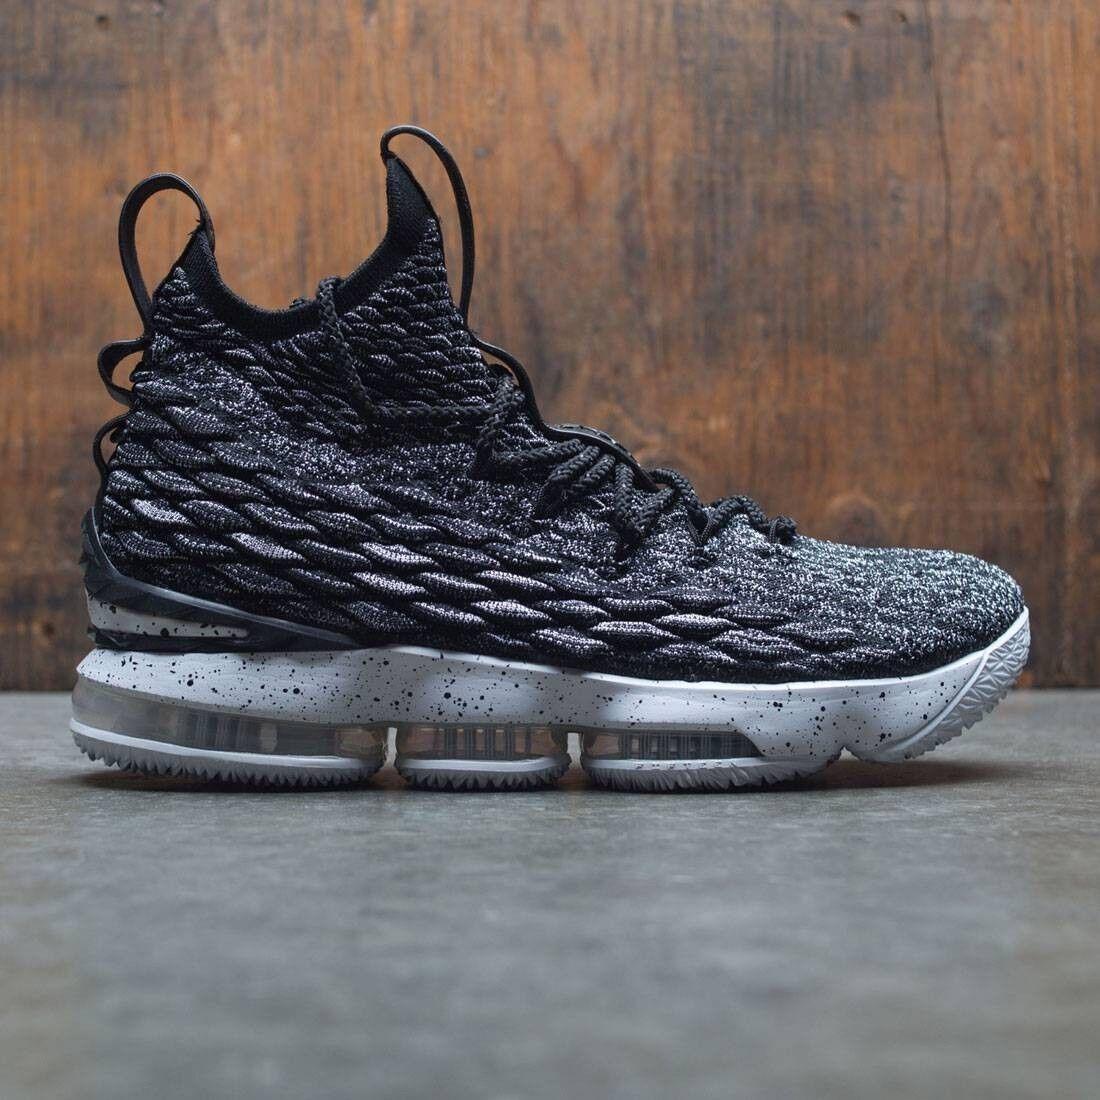 Nike LeBron 15 XV Ashes Black White Oreo Size 14. 897648-002